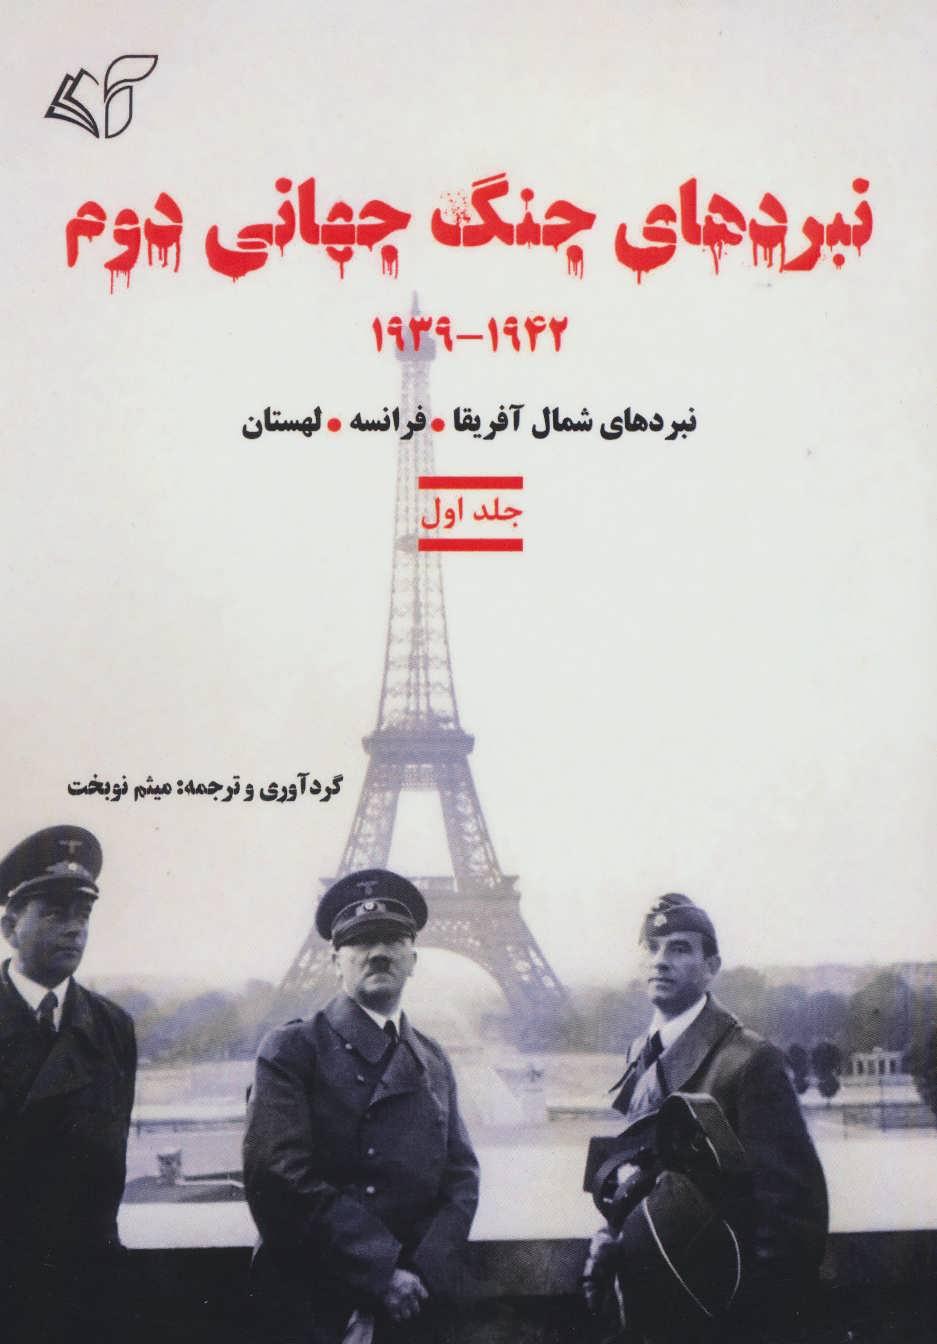 نبردهای جنگ جهانی دوم 1 (1942-1939:نبردهای شمال آفریقا،فرانسه،لهستان)